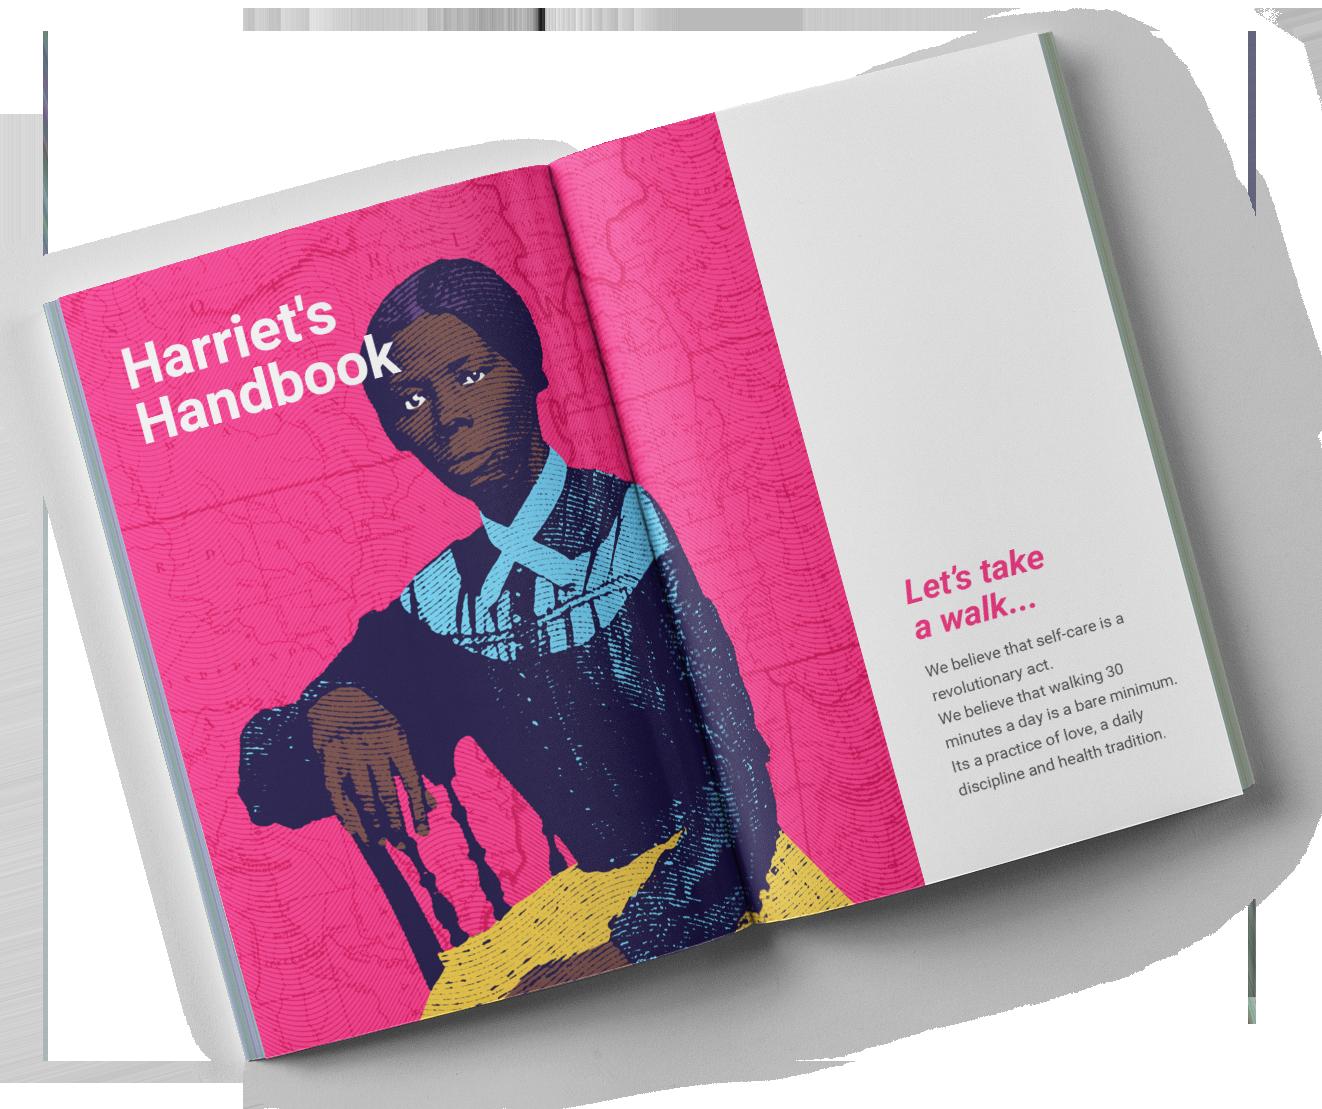 Harriet's Handbook